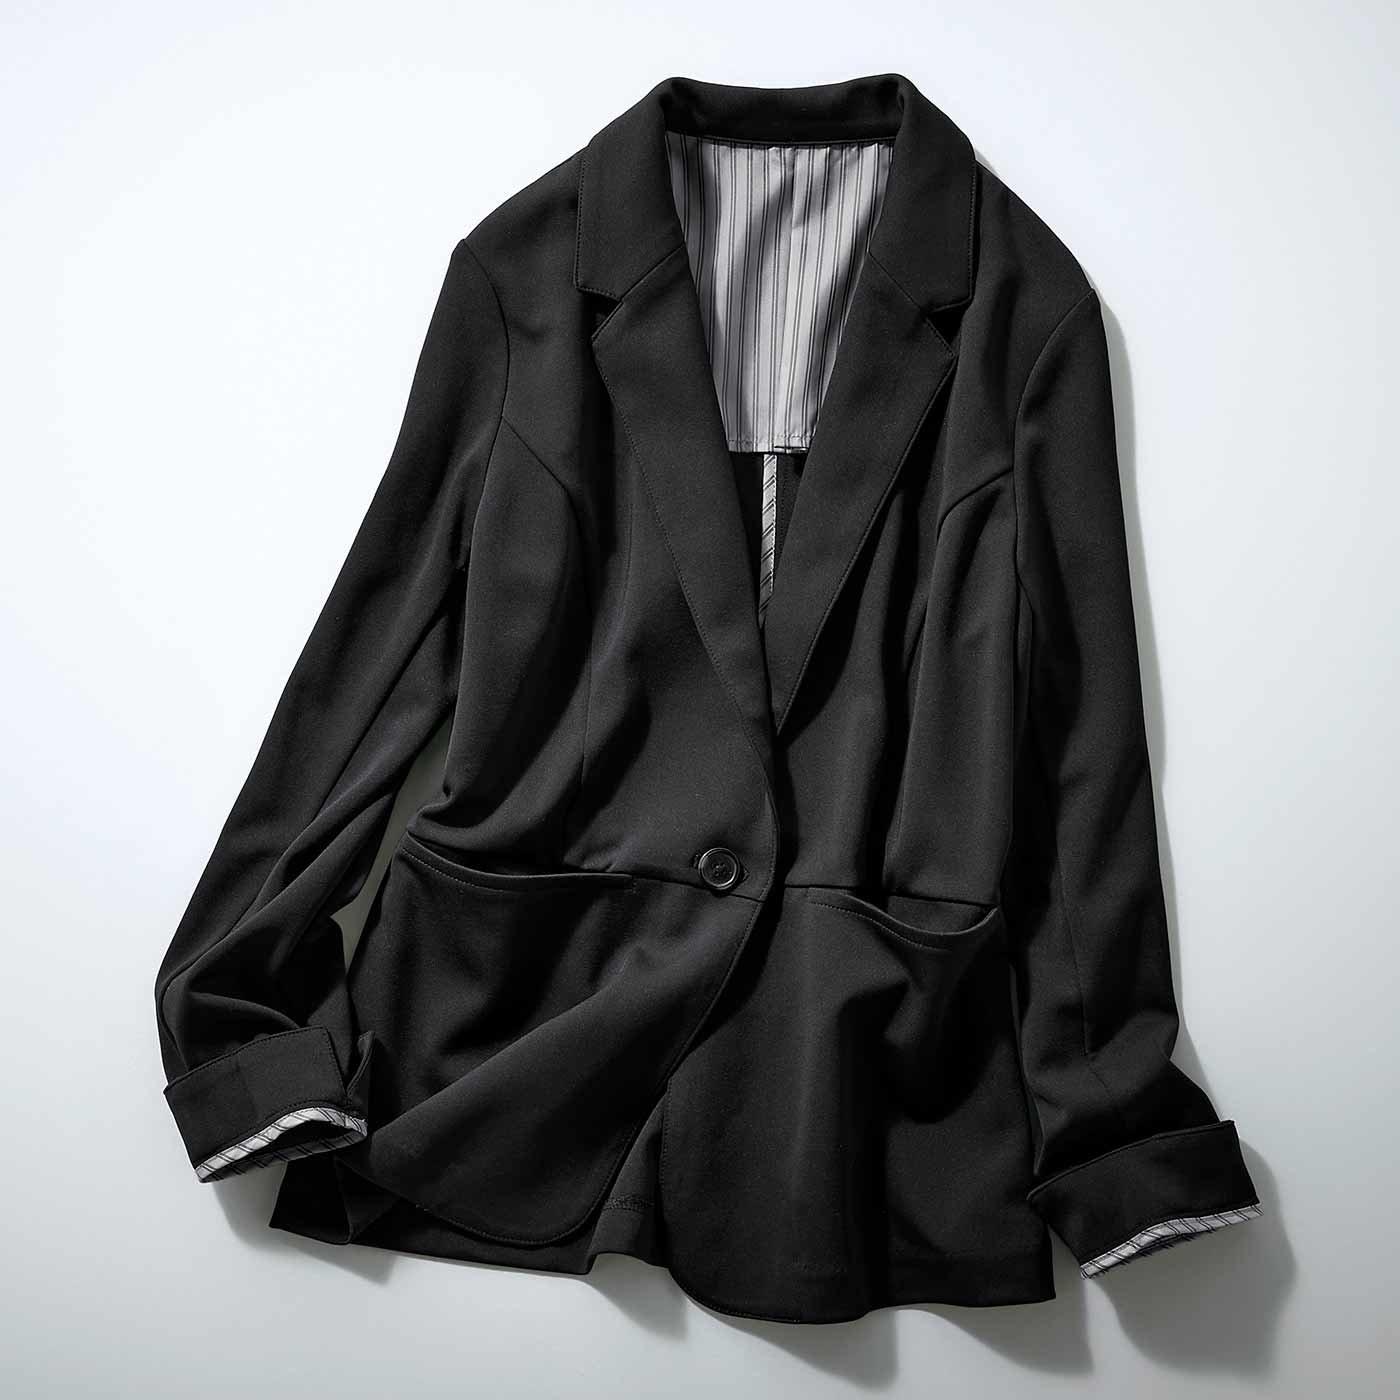 【3~10日でお届け】IEDIT[イディット] 花粉リリース&UVカットで快適優秀なバレエフィット(R)ジャケット〈ブラック〉